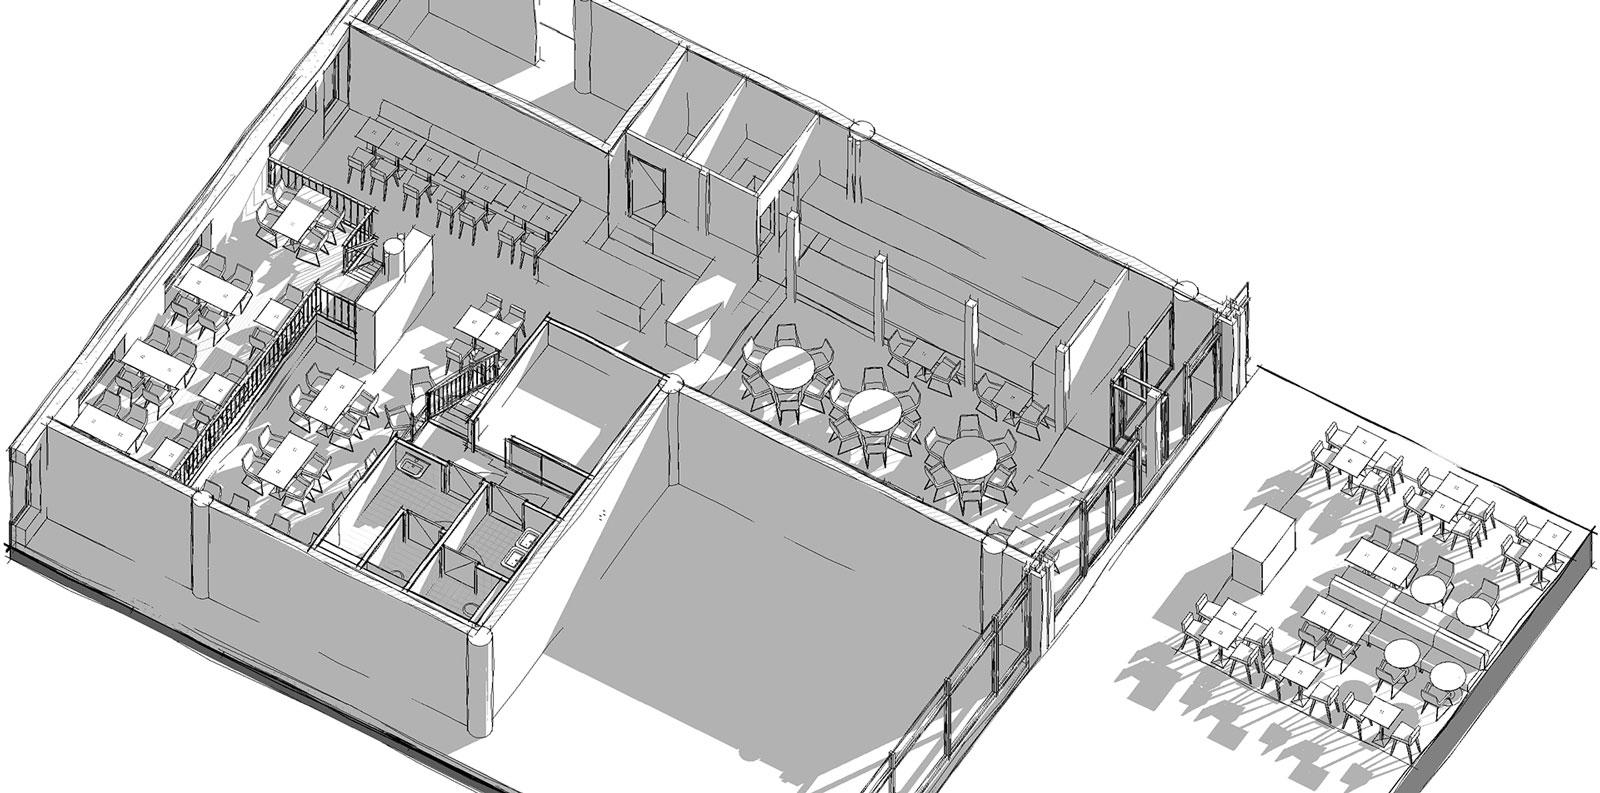 isometrie ontwerp - Restaurant Koeien en Kaas Zoetermeer